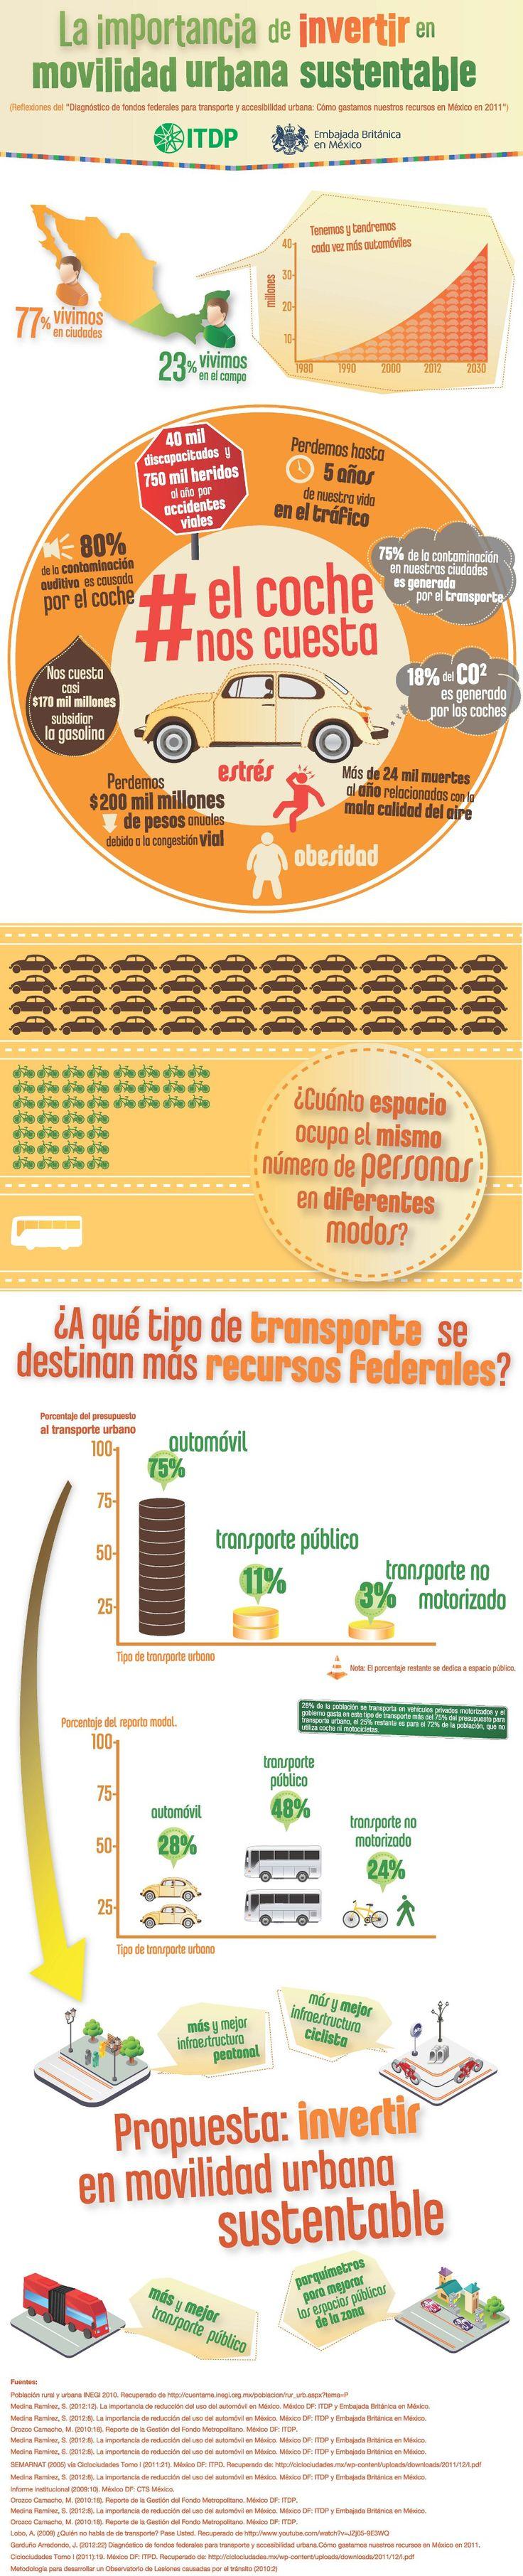 Infografia: Importancia de invertir en movilidad urbana sustentable